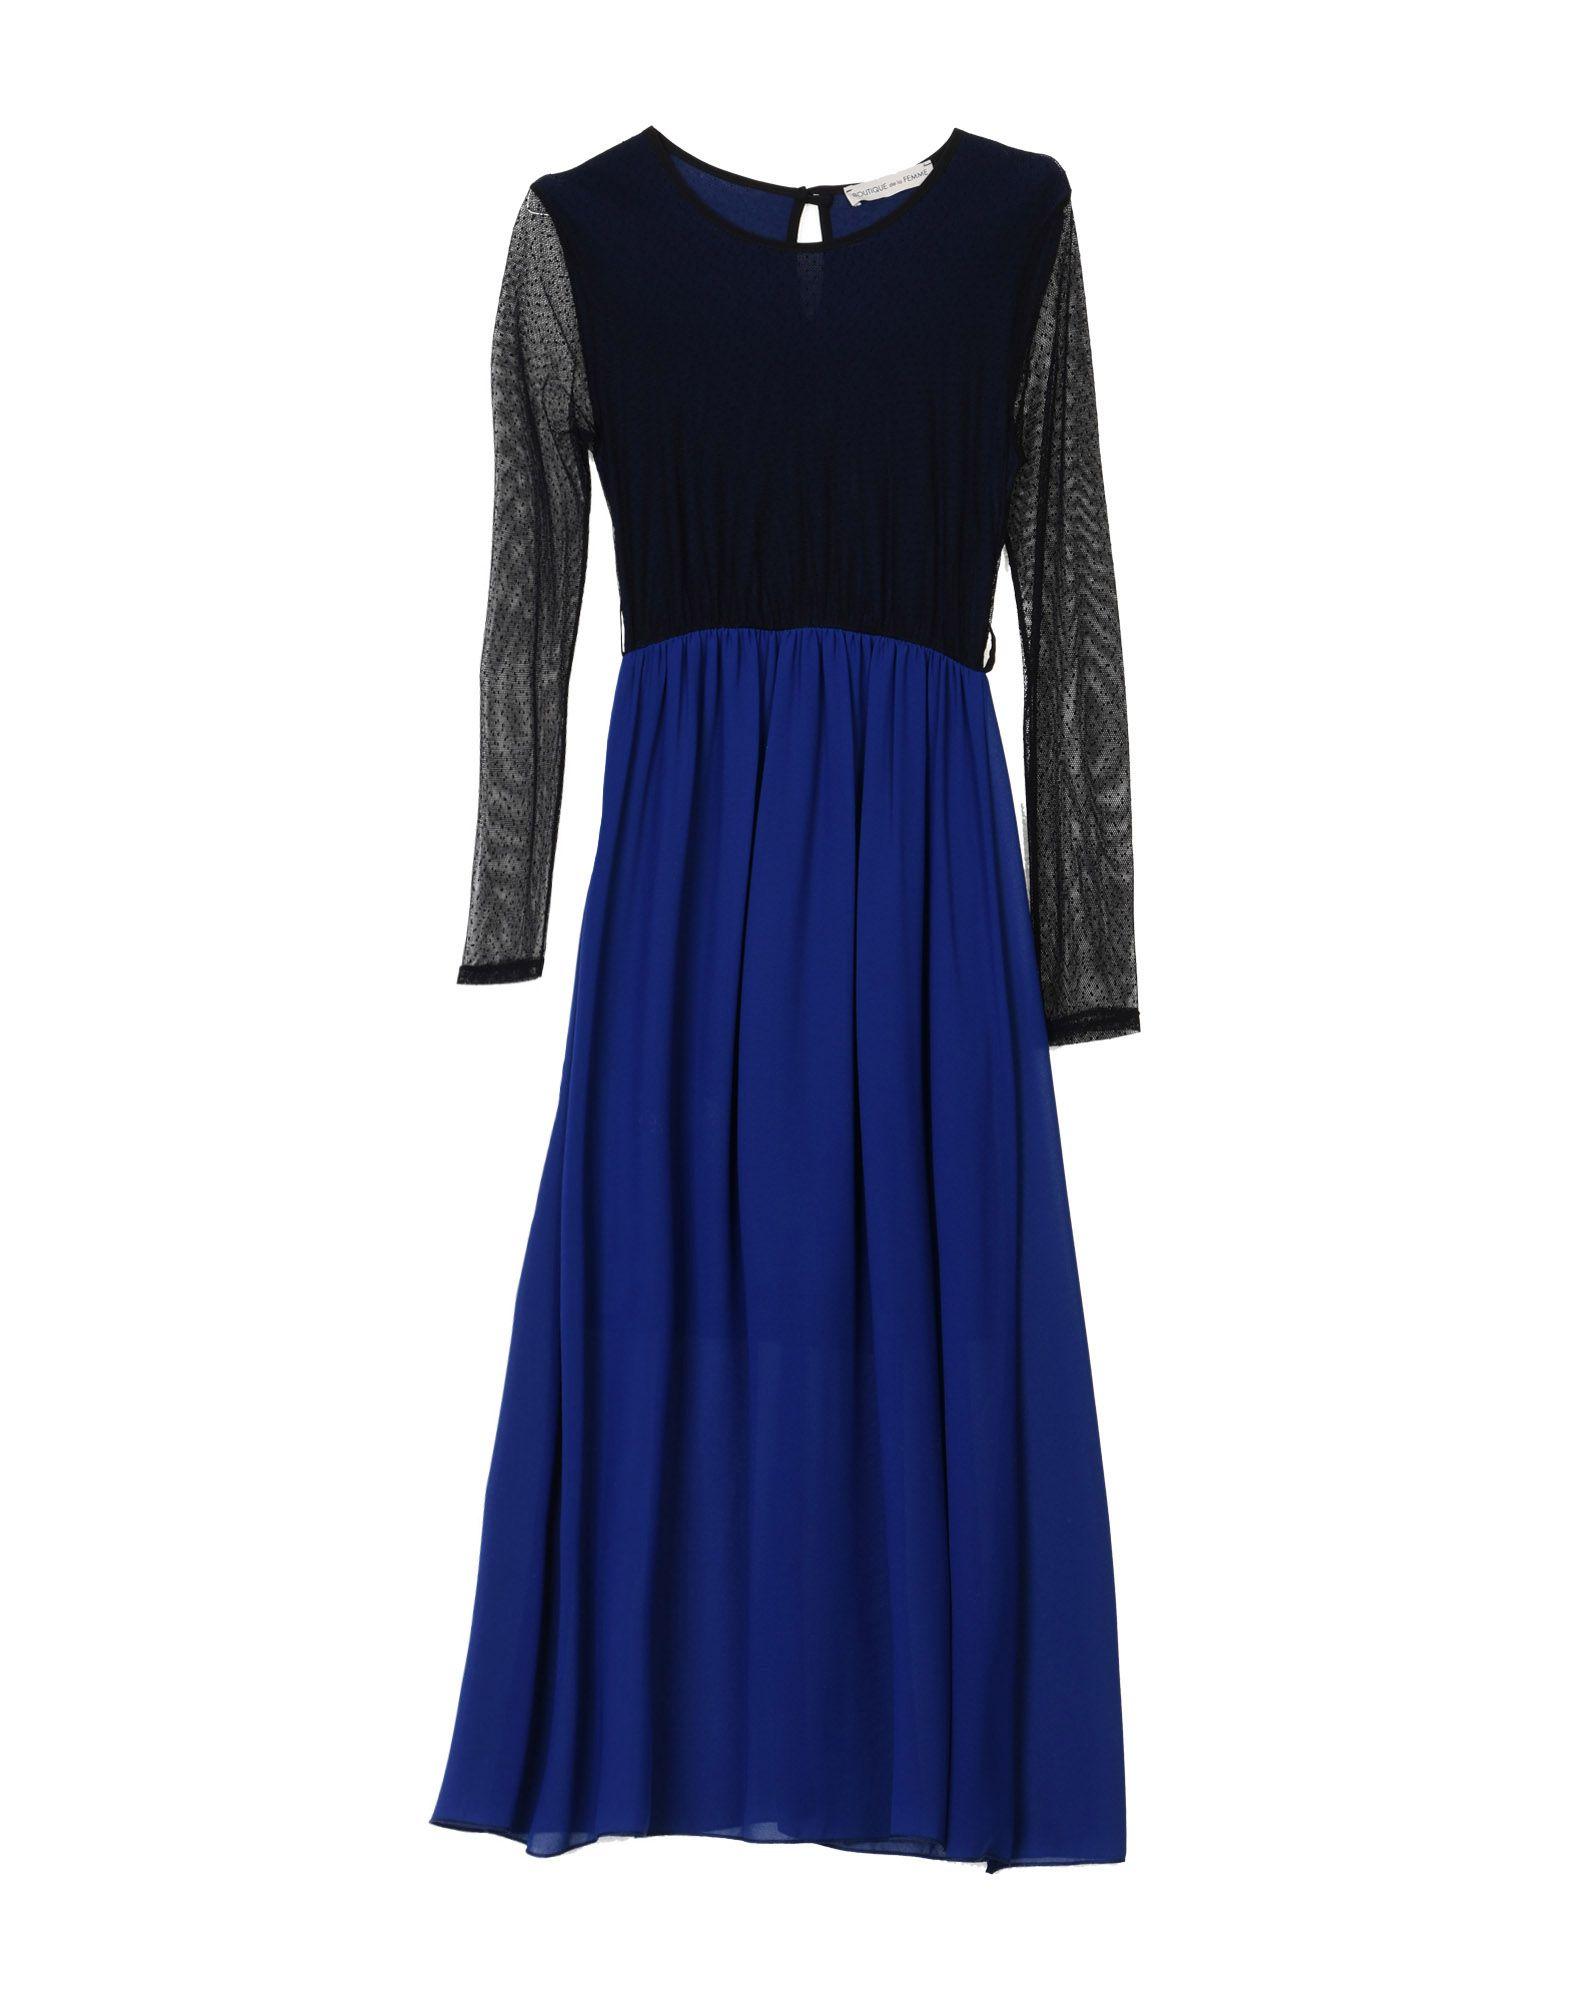 BOUTIQUE de la FEMME Платье длиной 3/4 рогинский в борьба за скандинавию международные отношения на севере европы в эпоху наполеоновских войн 1805 1815